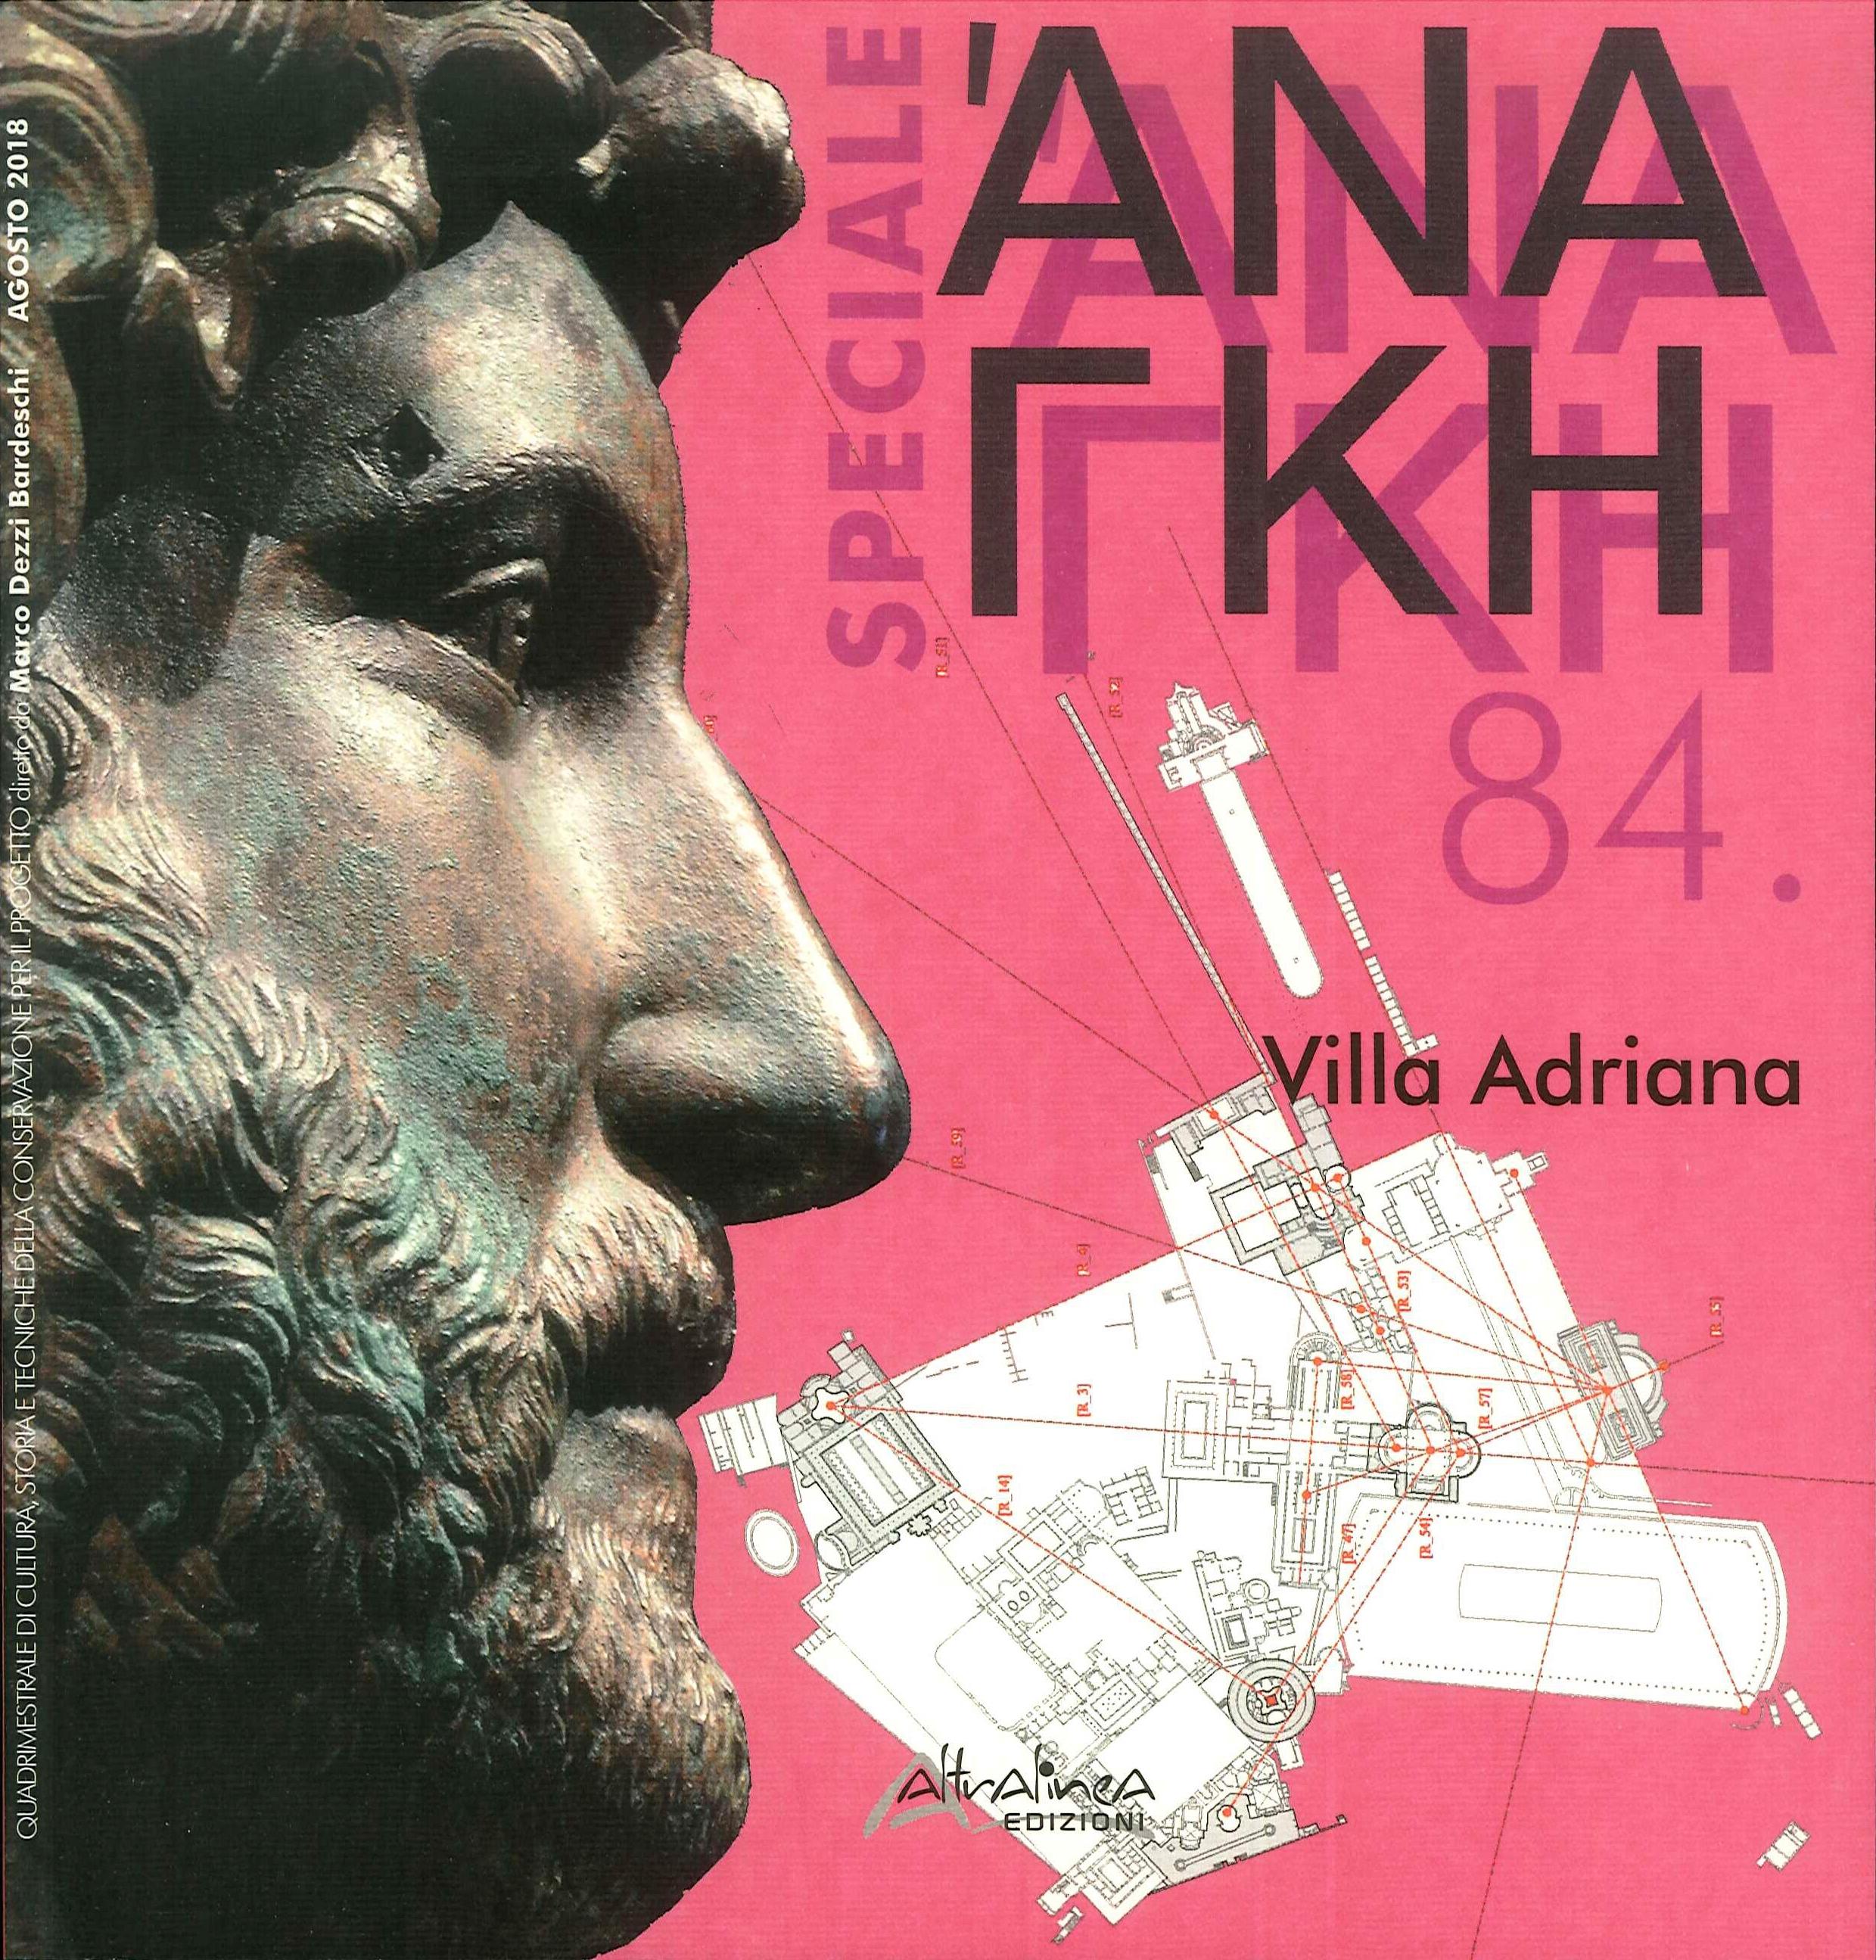 Ananke Speciale. Volume 84: Villa Adriana. 19 secoli a Villa Adriana. Interferenze e folgorazioni iconiche (118-2018)